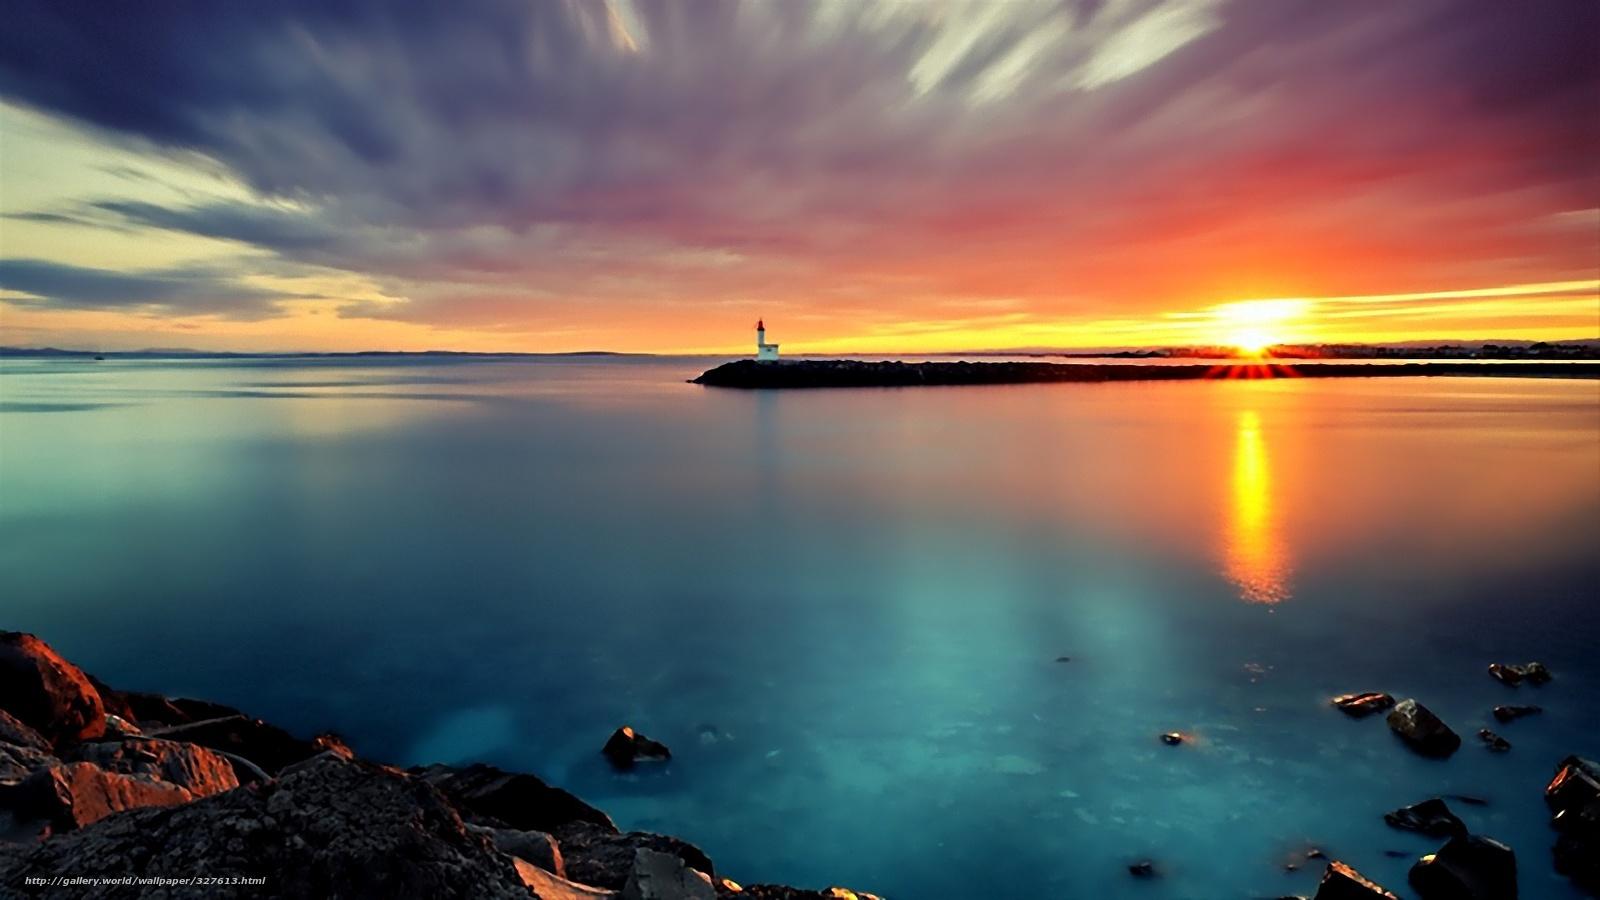 Scaricare gli sfondi mare faro tramonto sfondi gratis for Foto per desktop mare